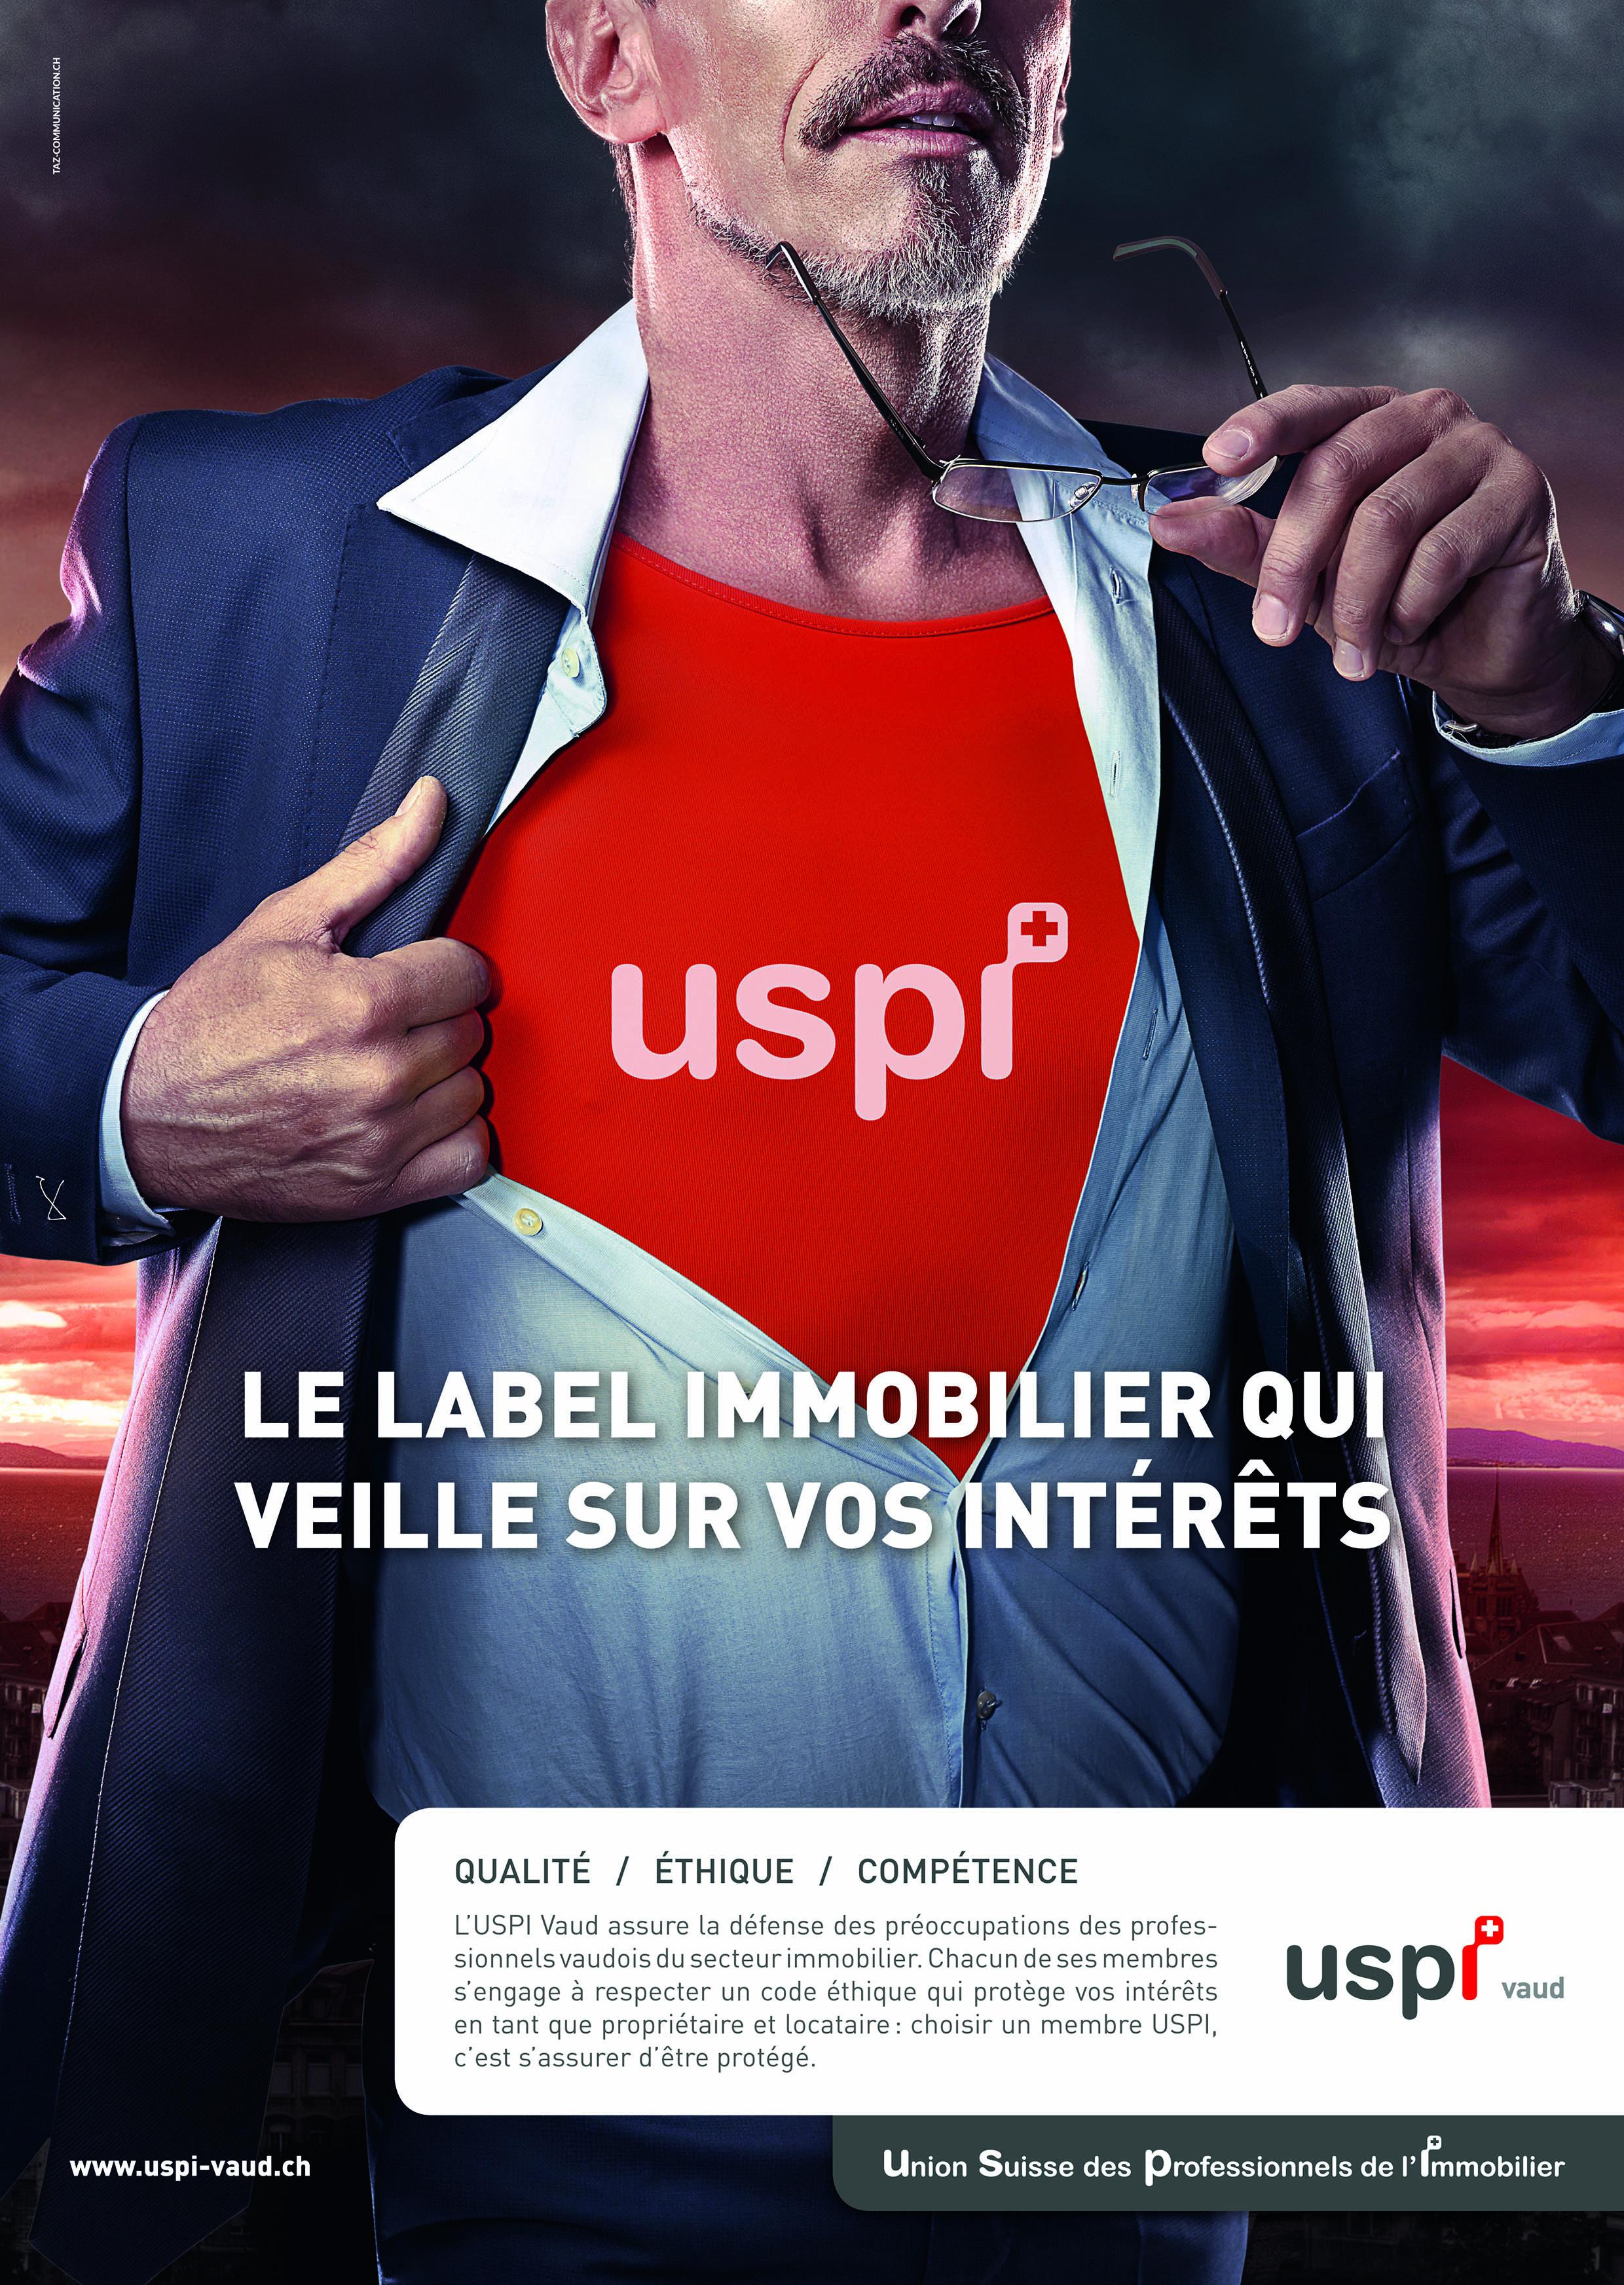 Première campagne publicitaire pour l'USPI Vaud : les supers héros veillent sur vos intérêts